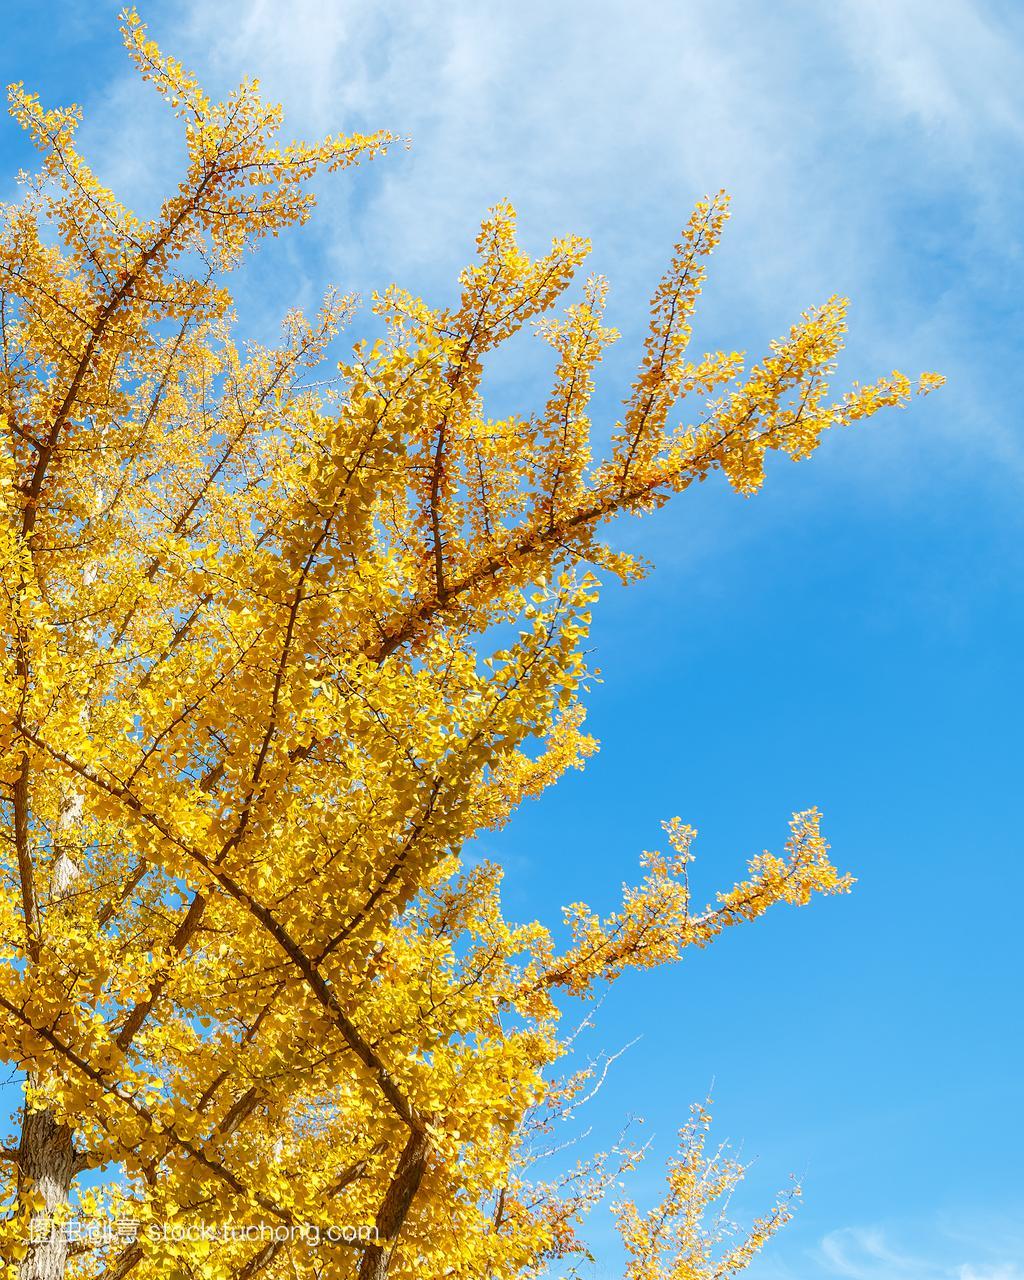 落叶银杏的秋天在高日本在和歌山县,野山黄粉虫面包虫也么做图片